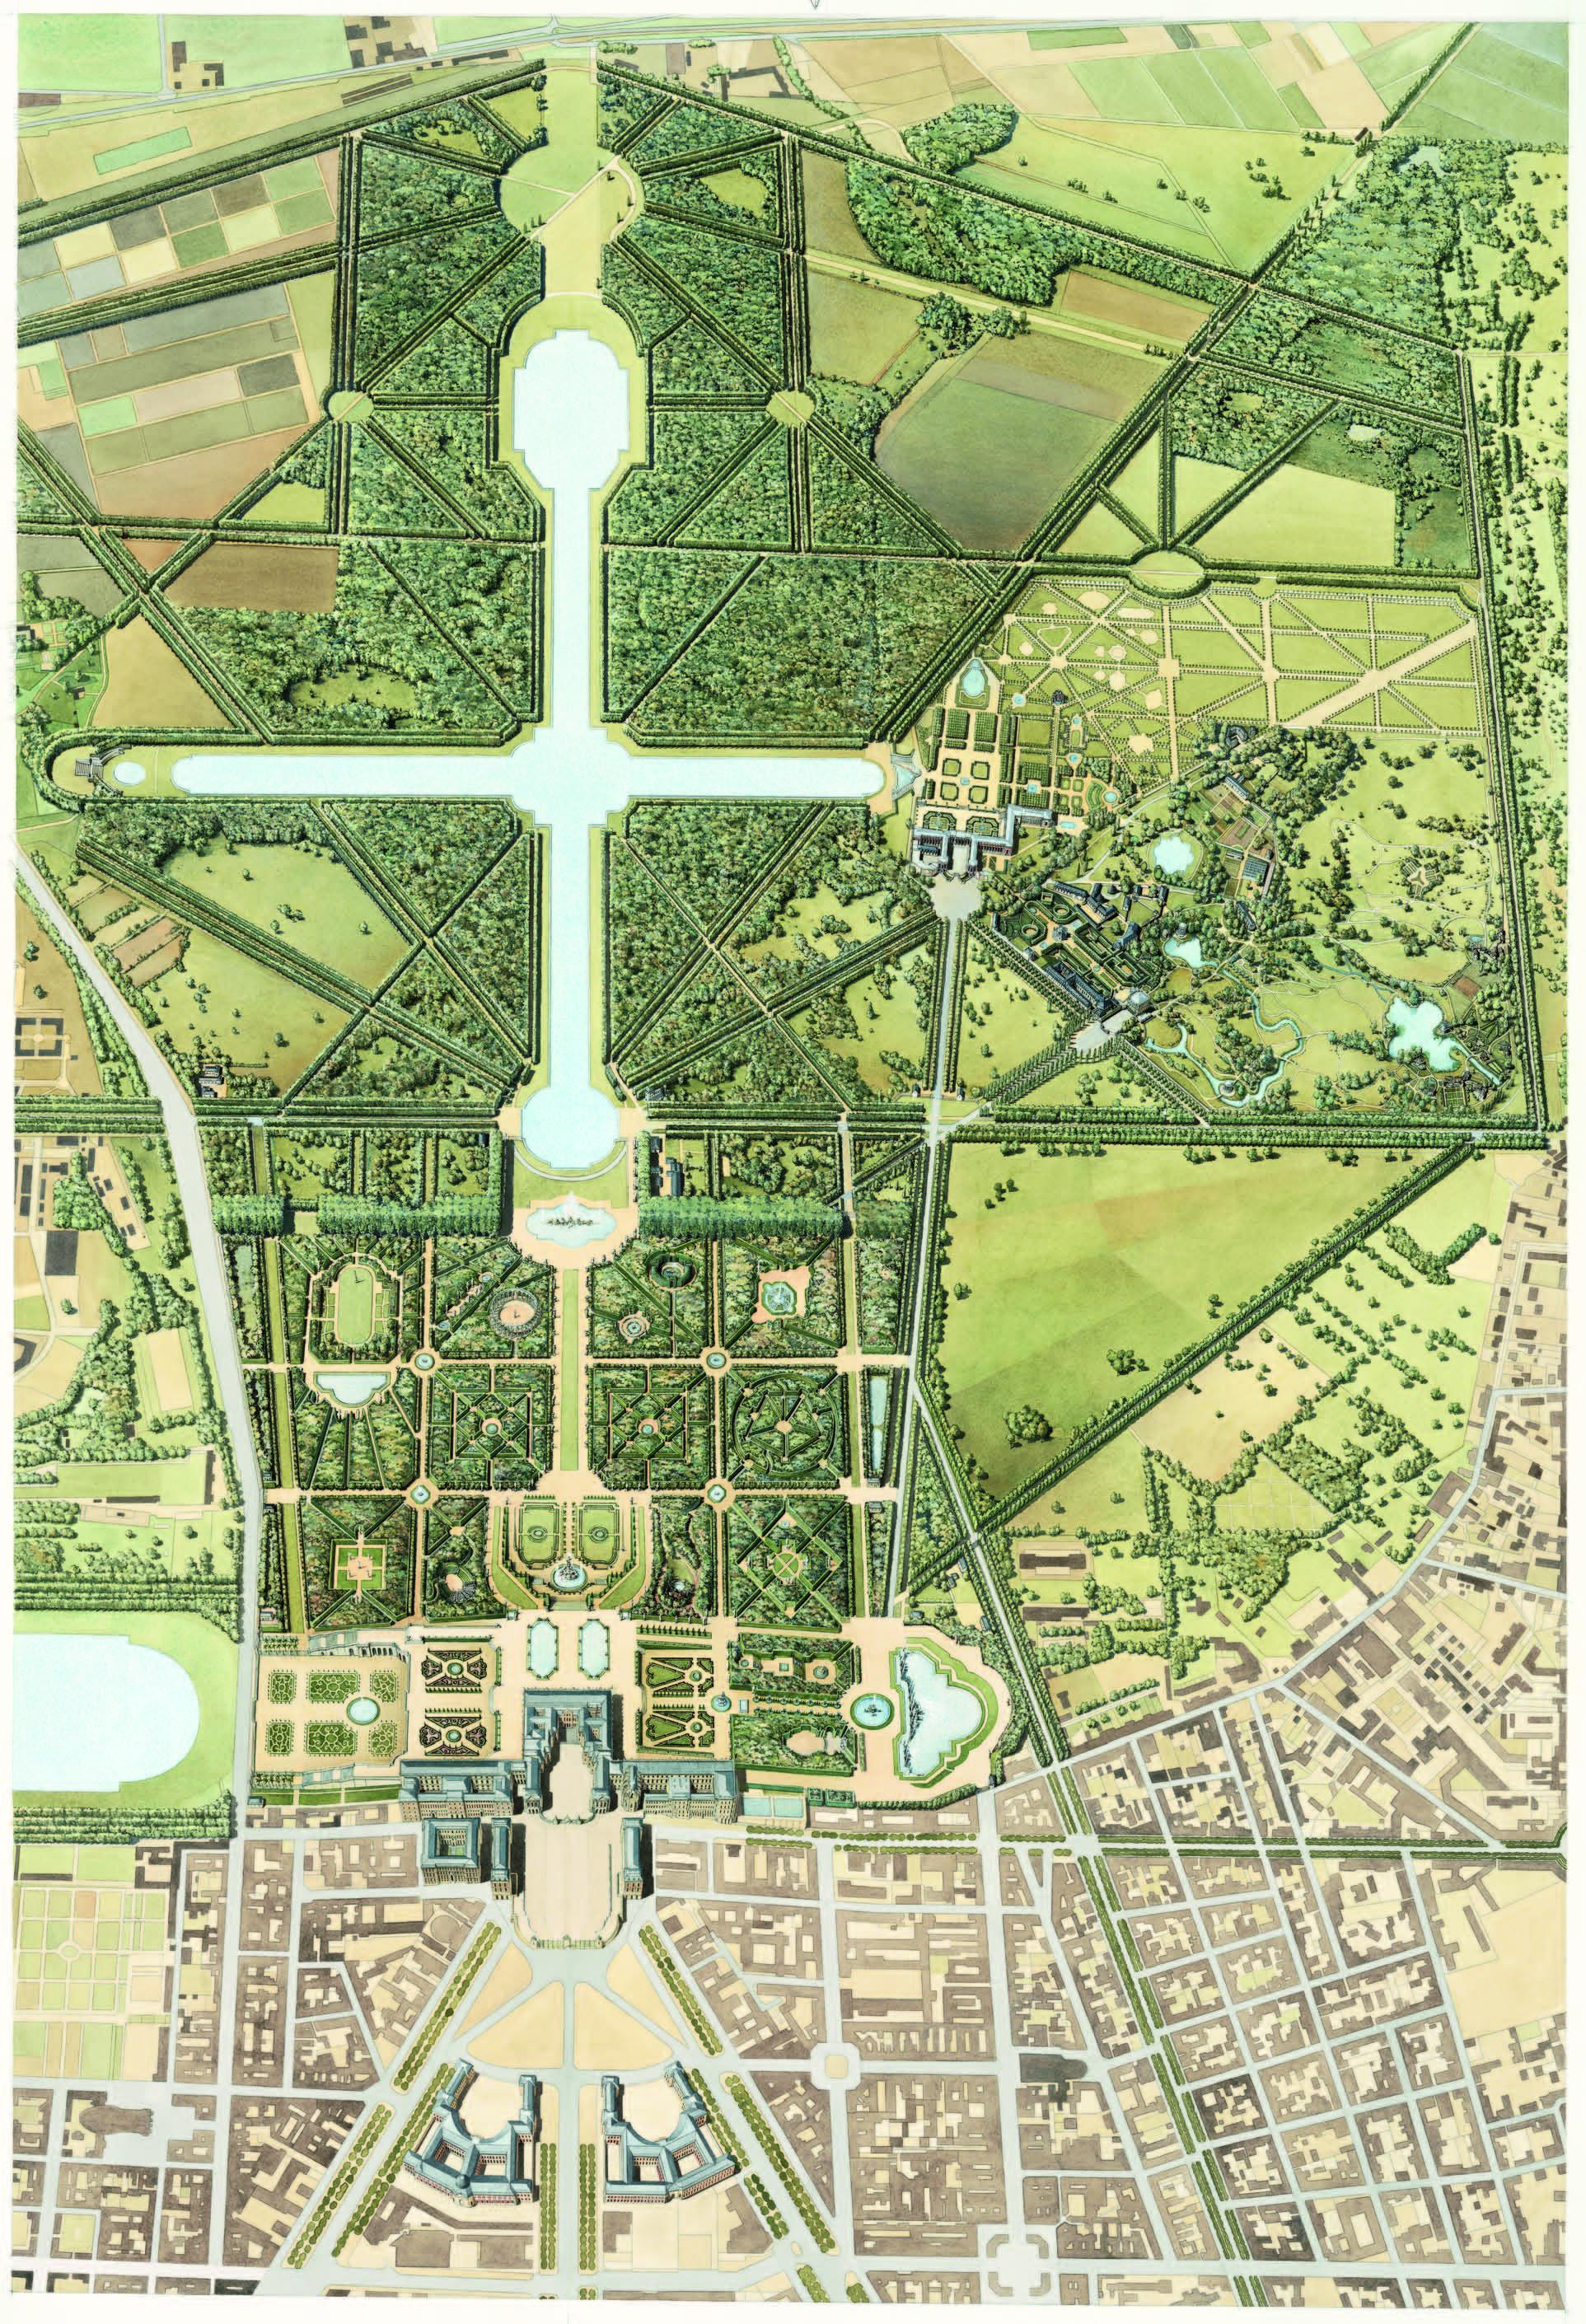 L 39 organisation et les composantes des jardins de versailles for Jardin versailles